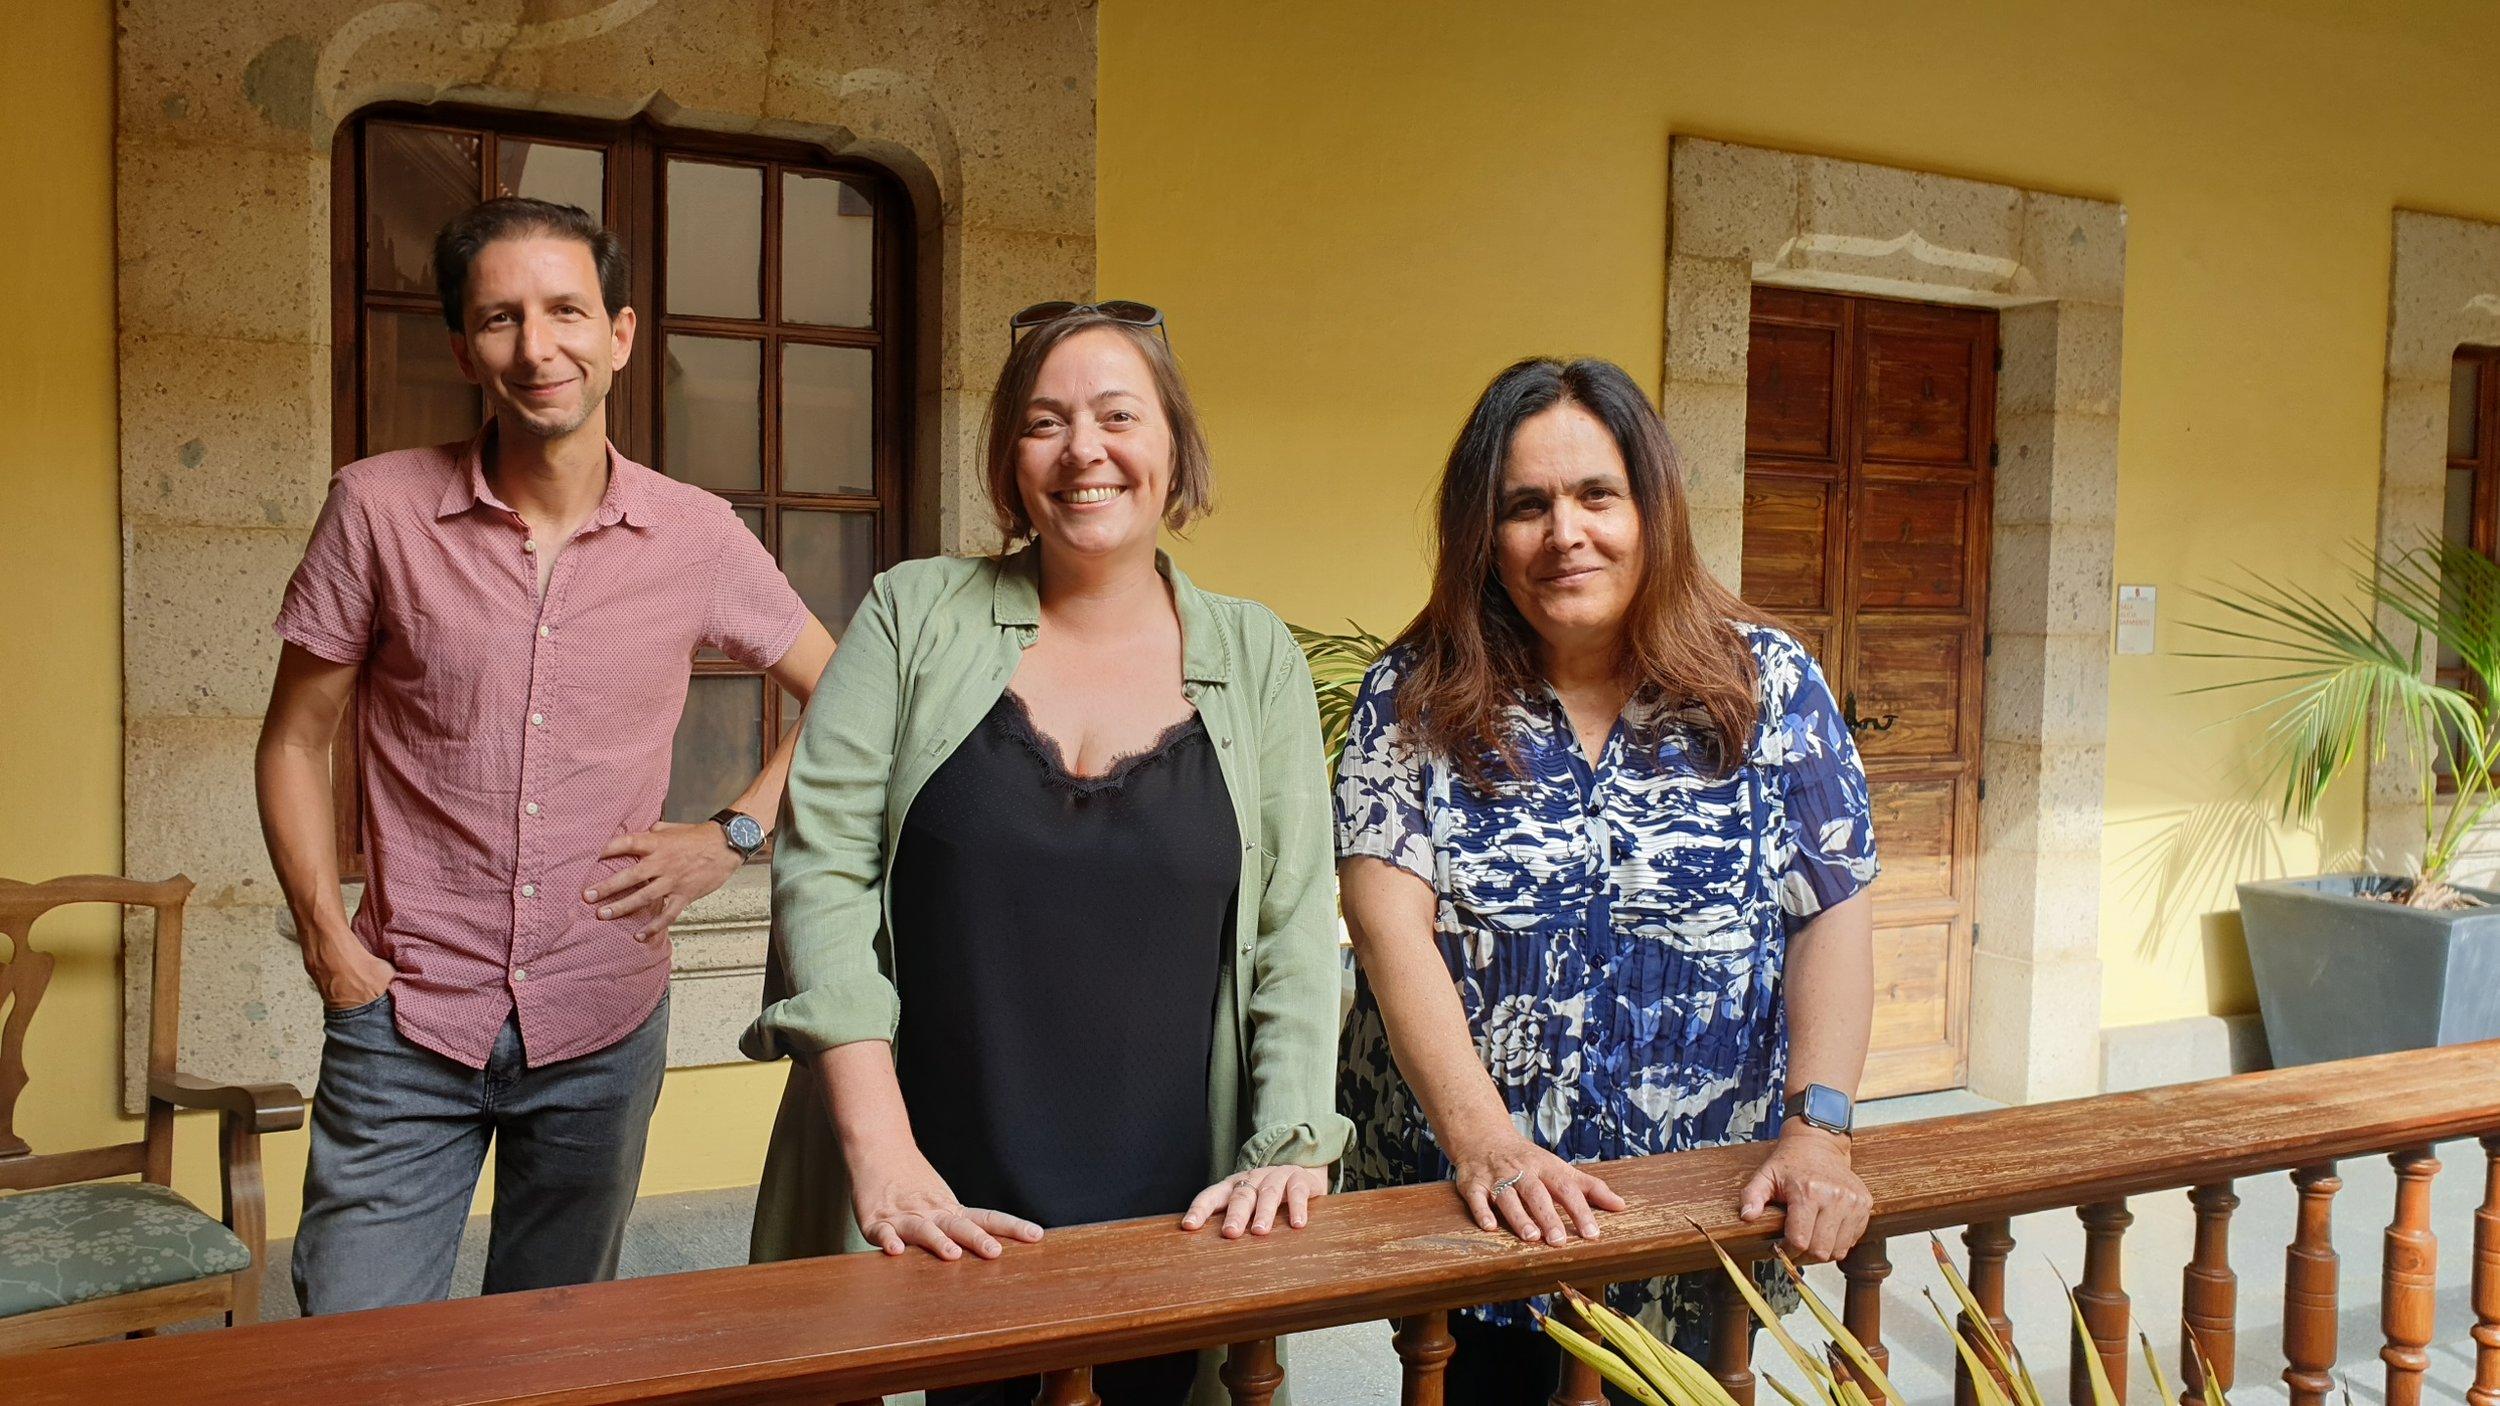 Posado del Jurado de Visionaria 2019 (Daniel Barreto, Nuria Guinnot y Alicia Llarena) tras la deliberación en la Casa de Colón.